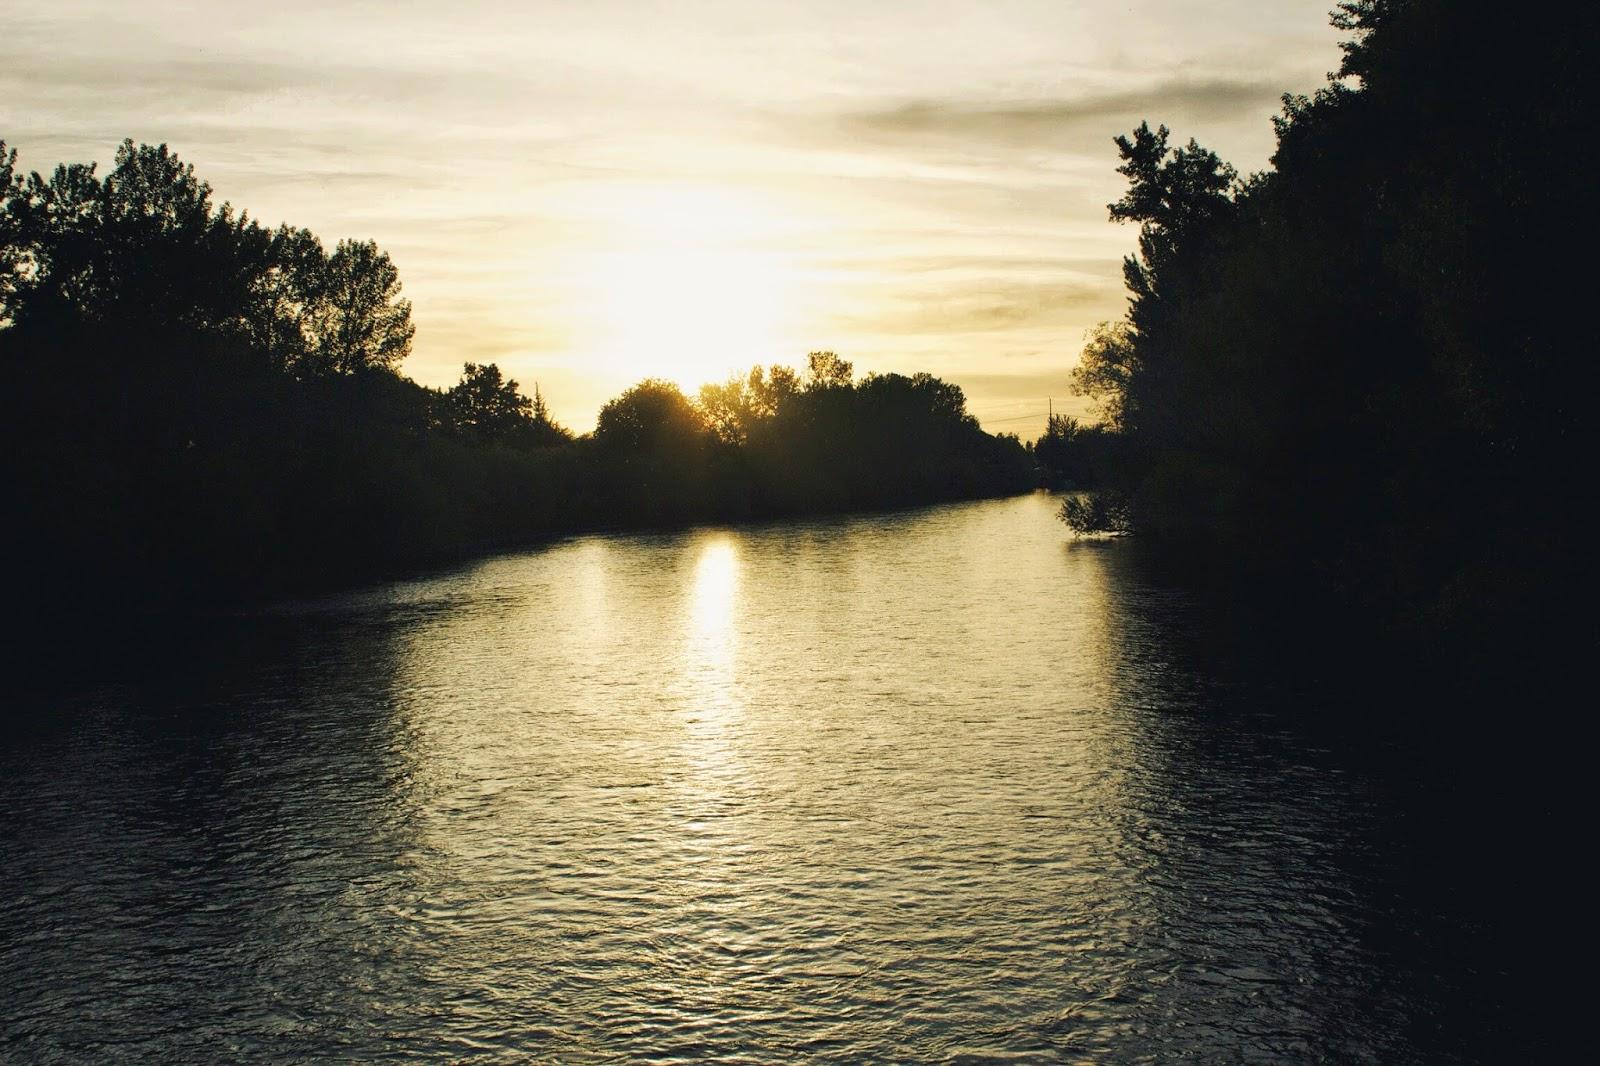 boise+river+sunset.jpg